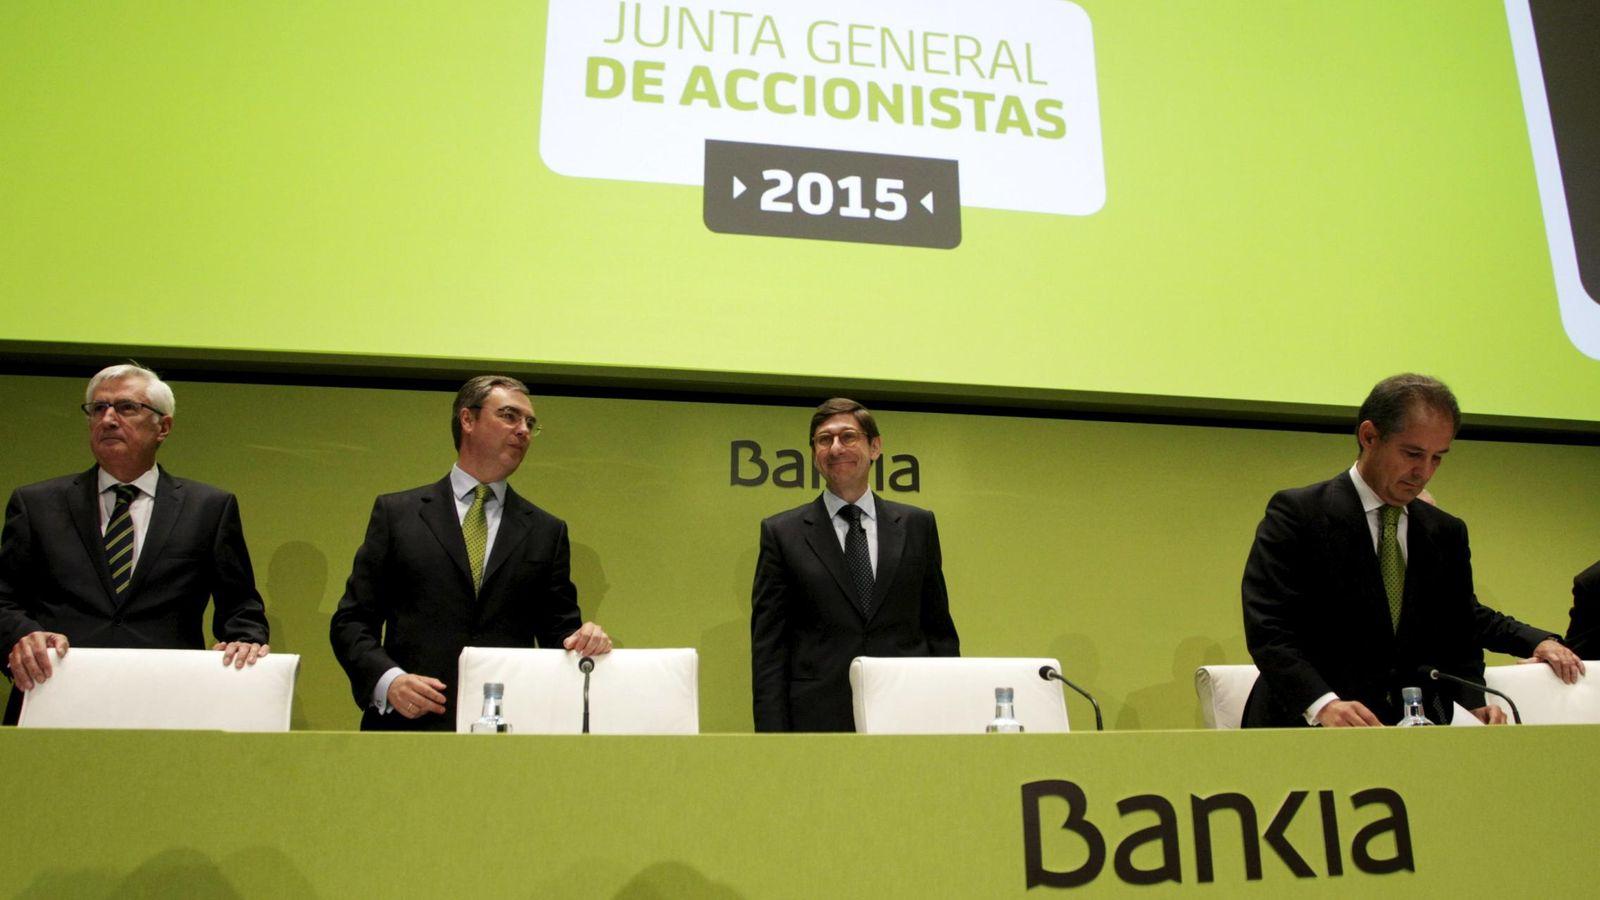 Foto: Junta general de accionistas de Bankia. (Reuters)